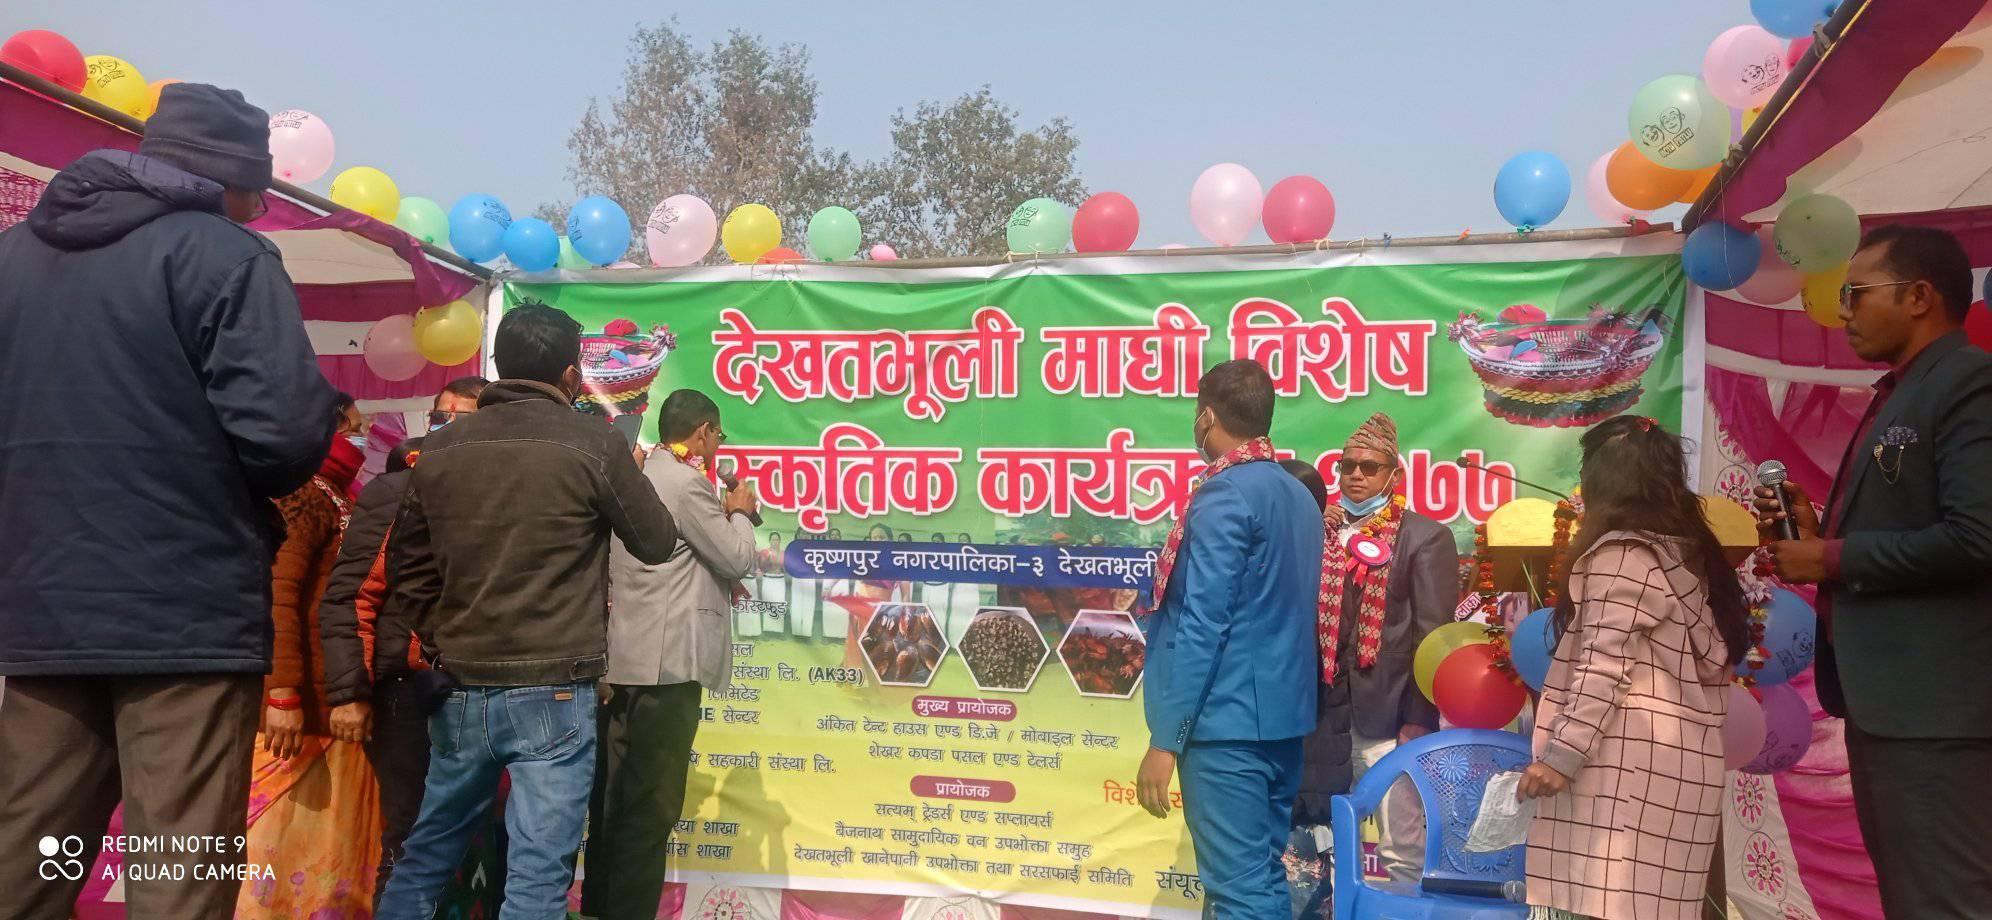 कञ्चनपुरमा देखतभूली माघि बिशेष संस्कृति कार्यक्रम सम्पन